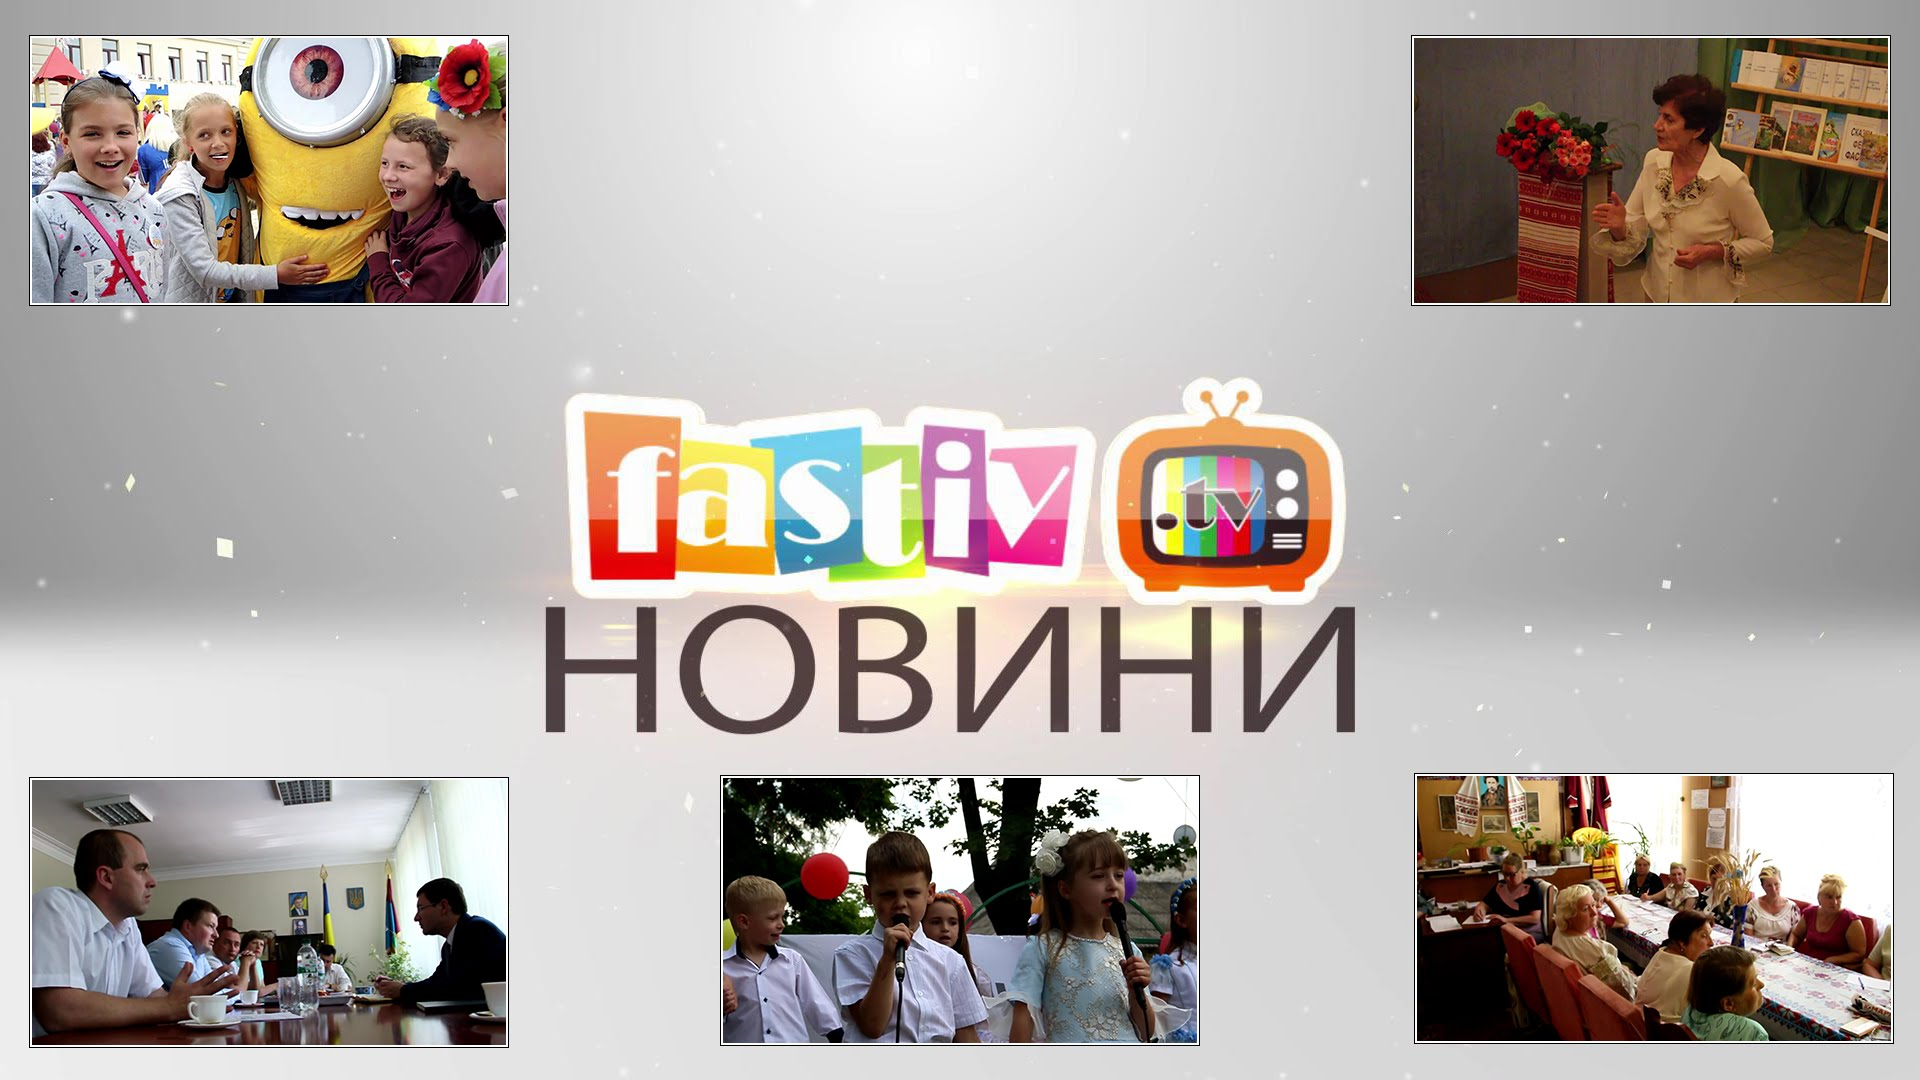 Підсумковий випуск новин від FASTIV.TV 18.06.2016